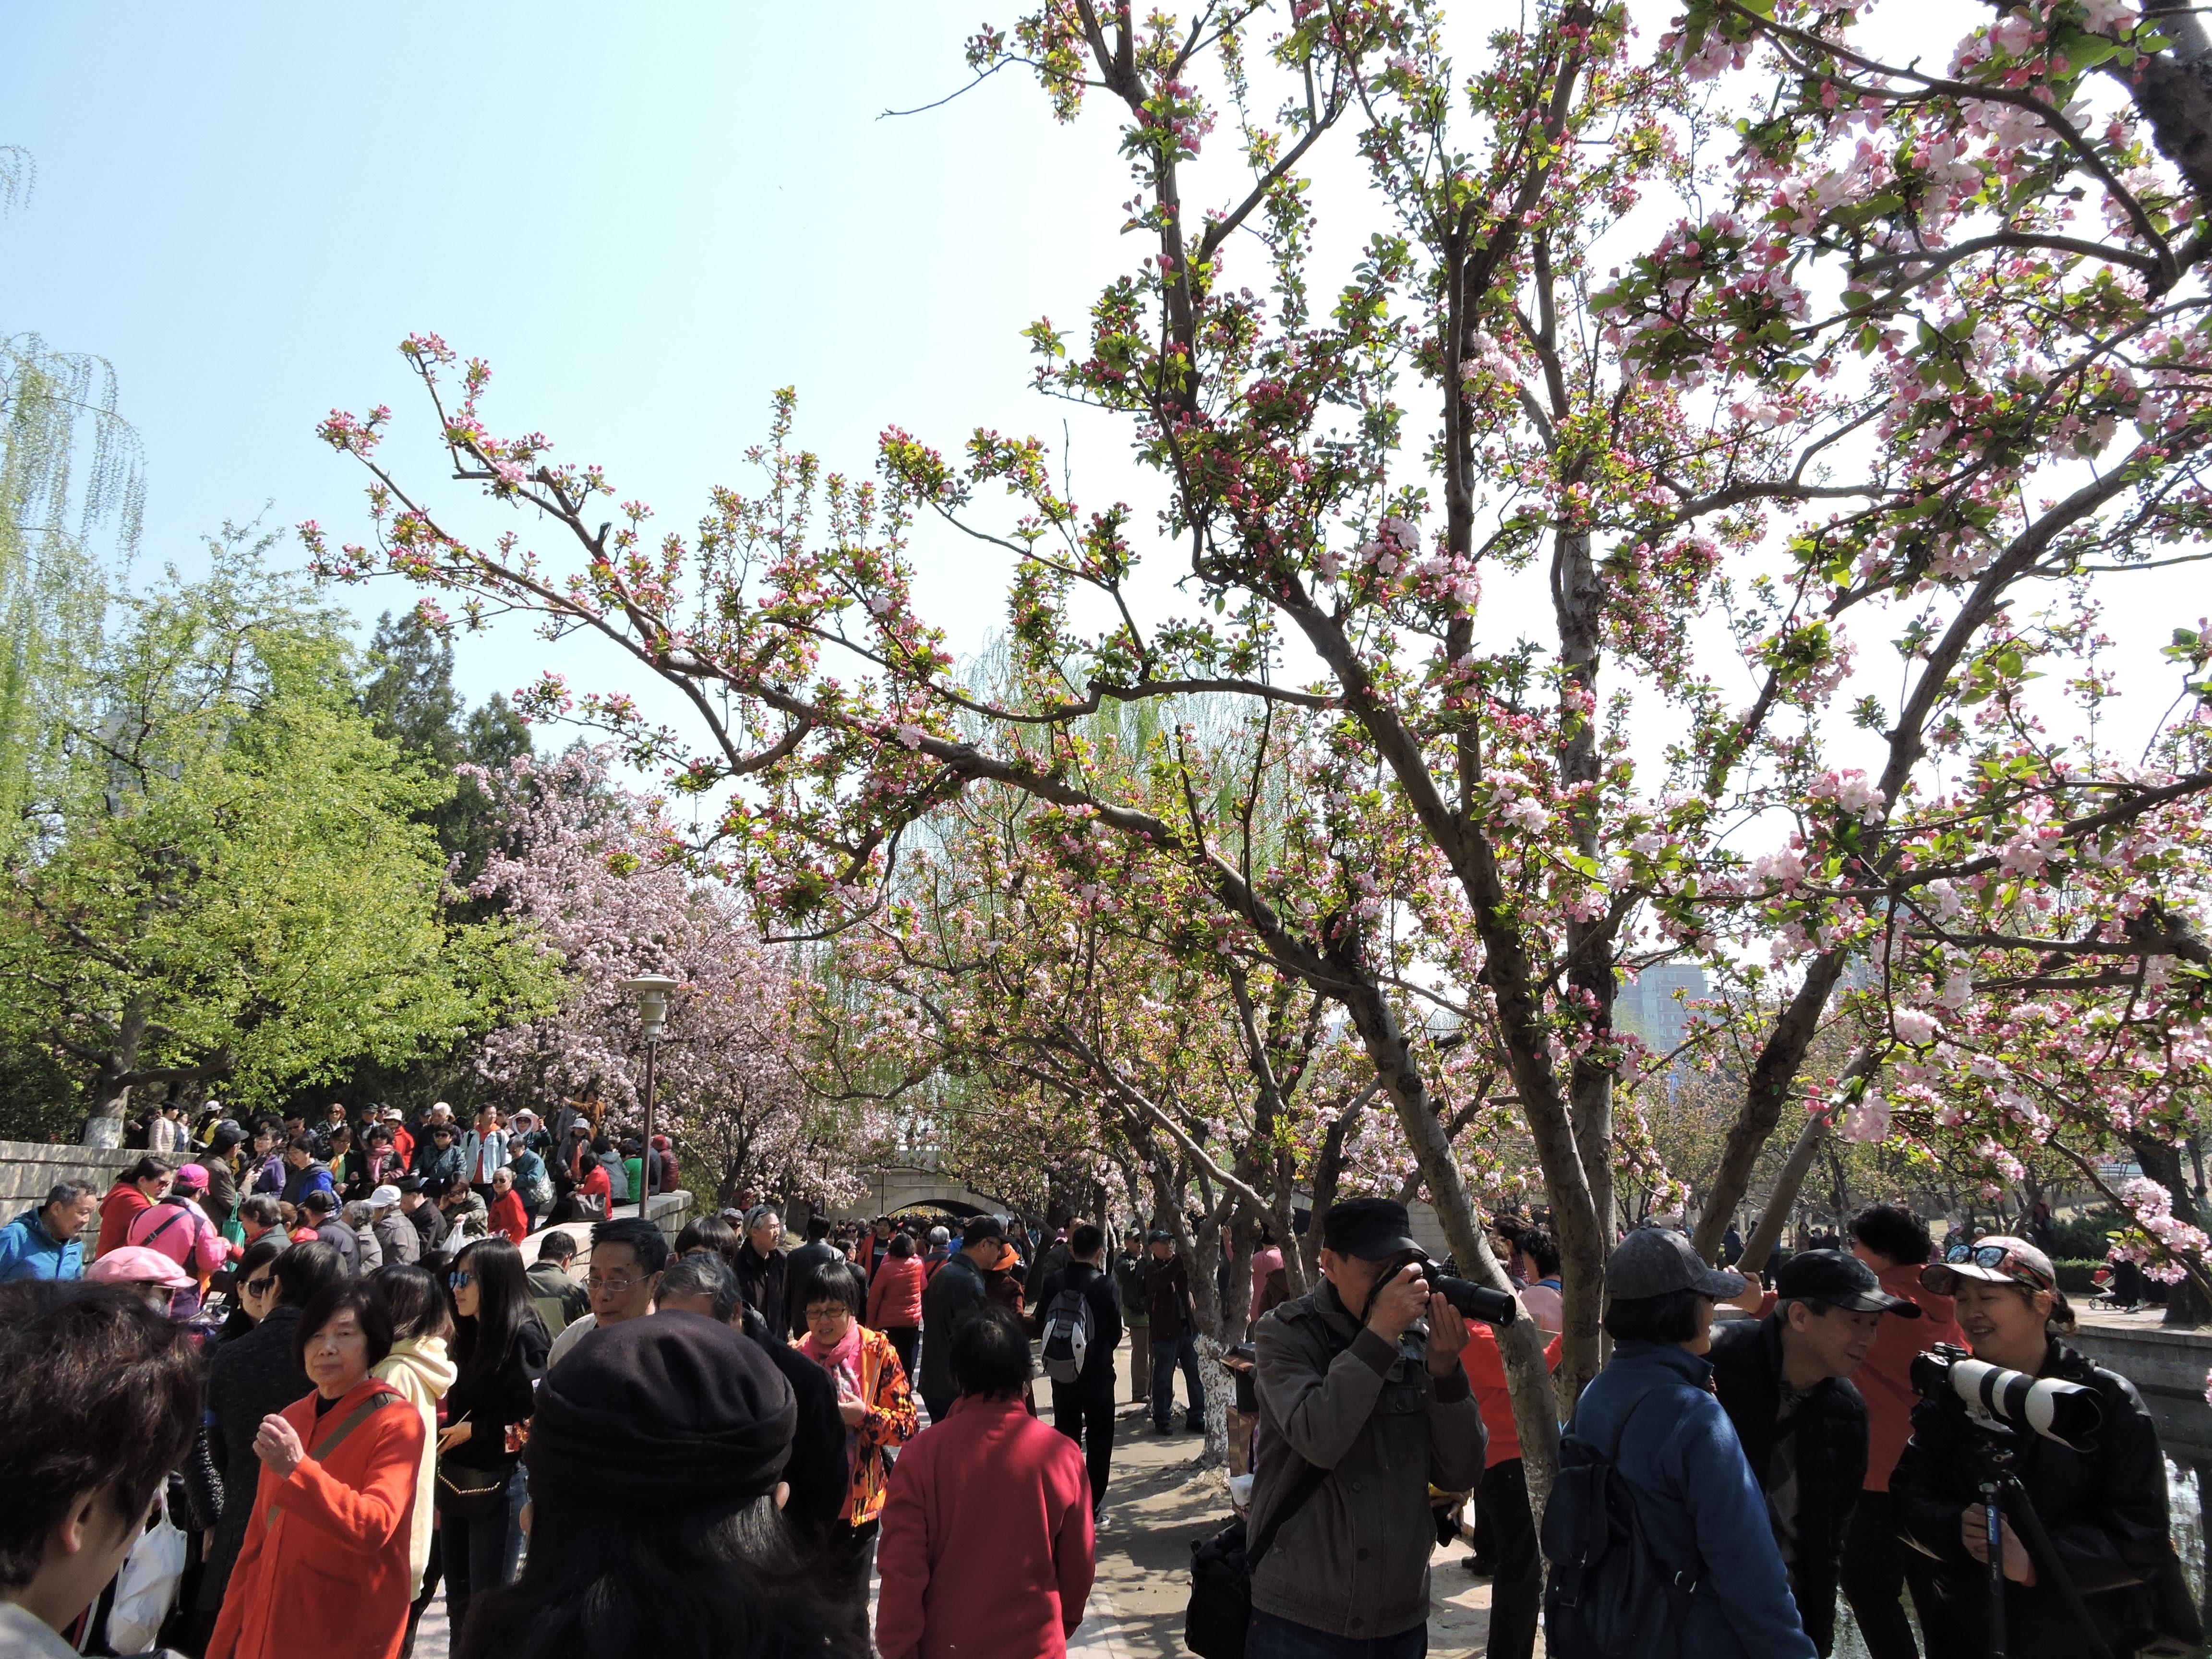 2019-04-03 DSCN9205.JPG